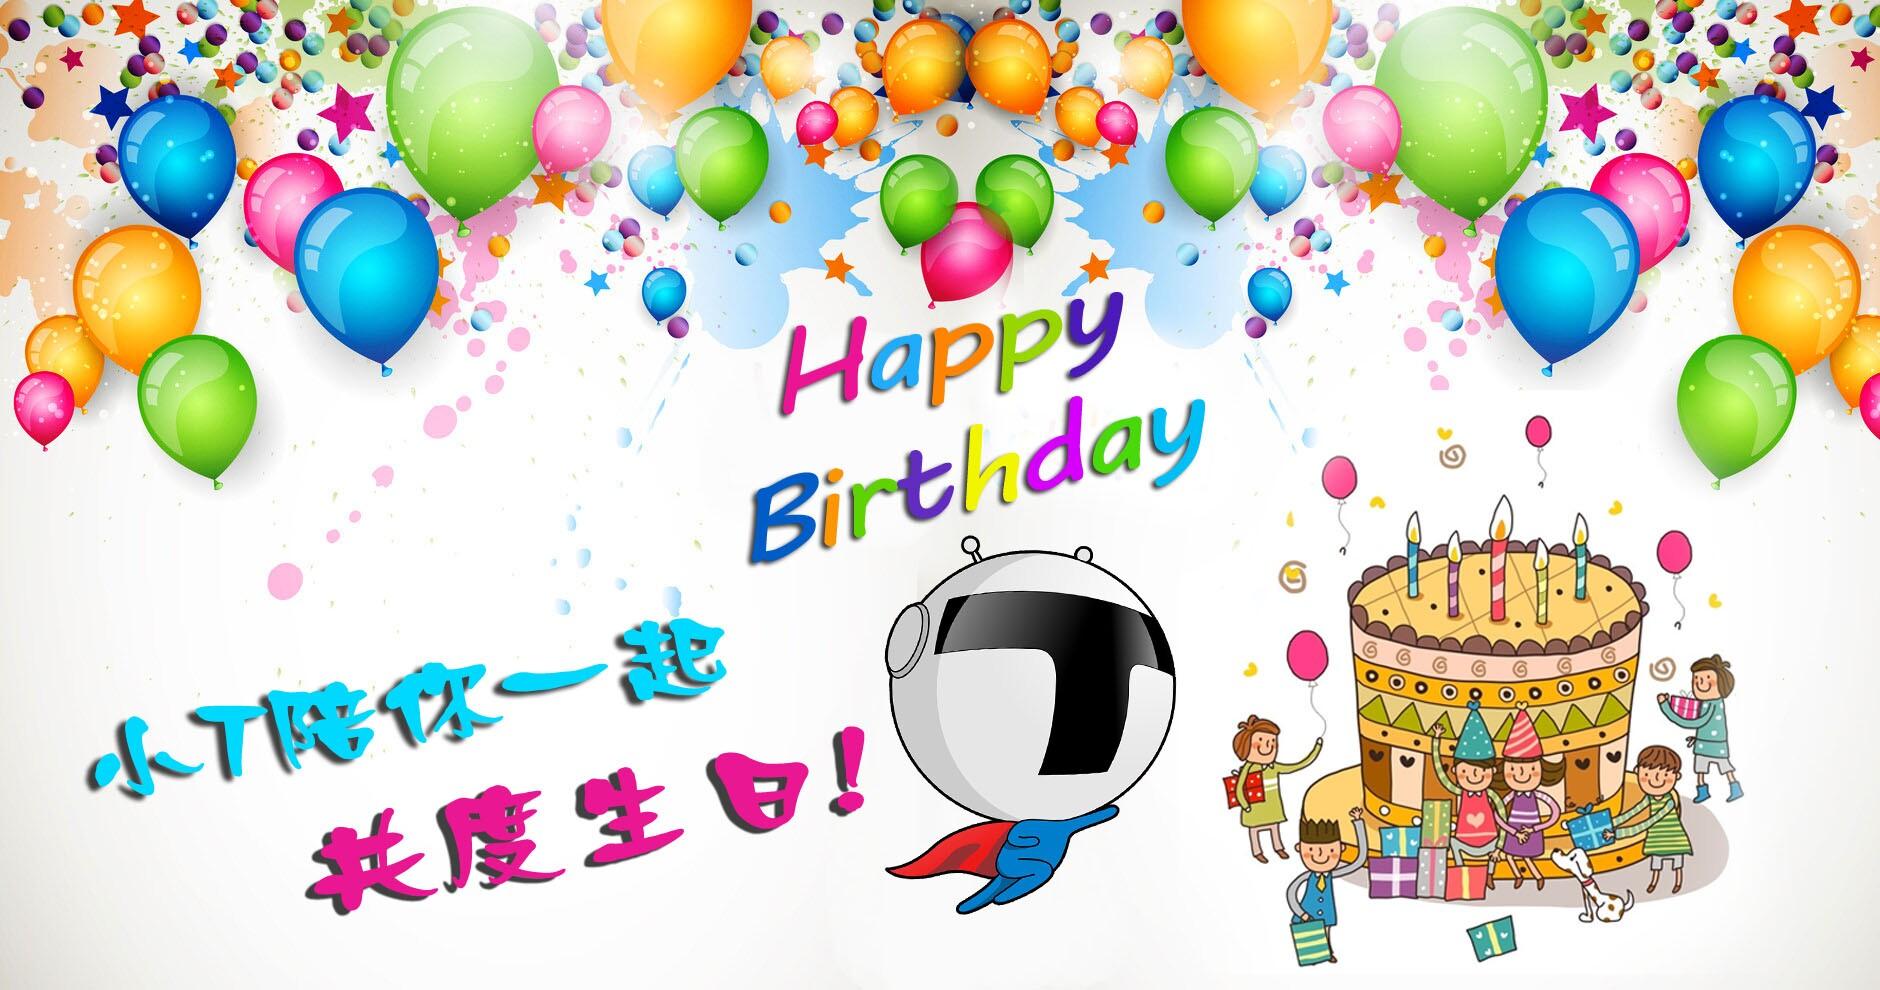 【铁粉社区】祝 小狸 慧儿 生日快乐